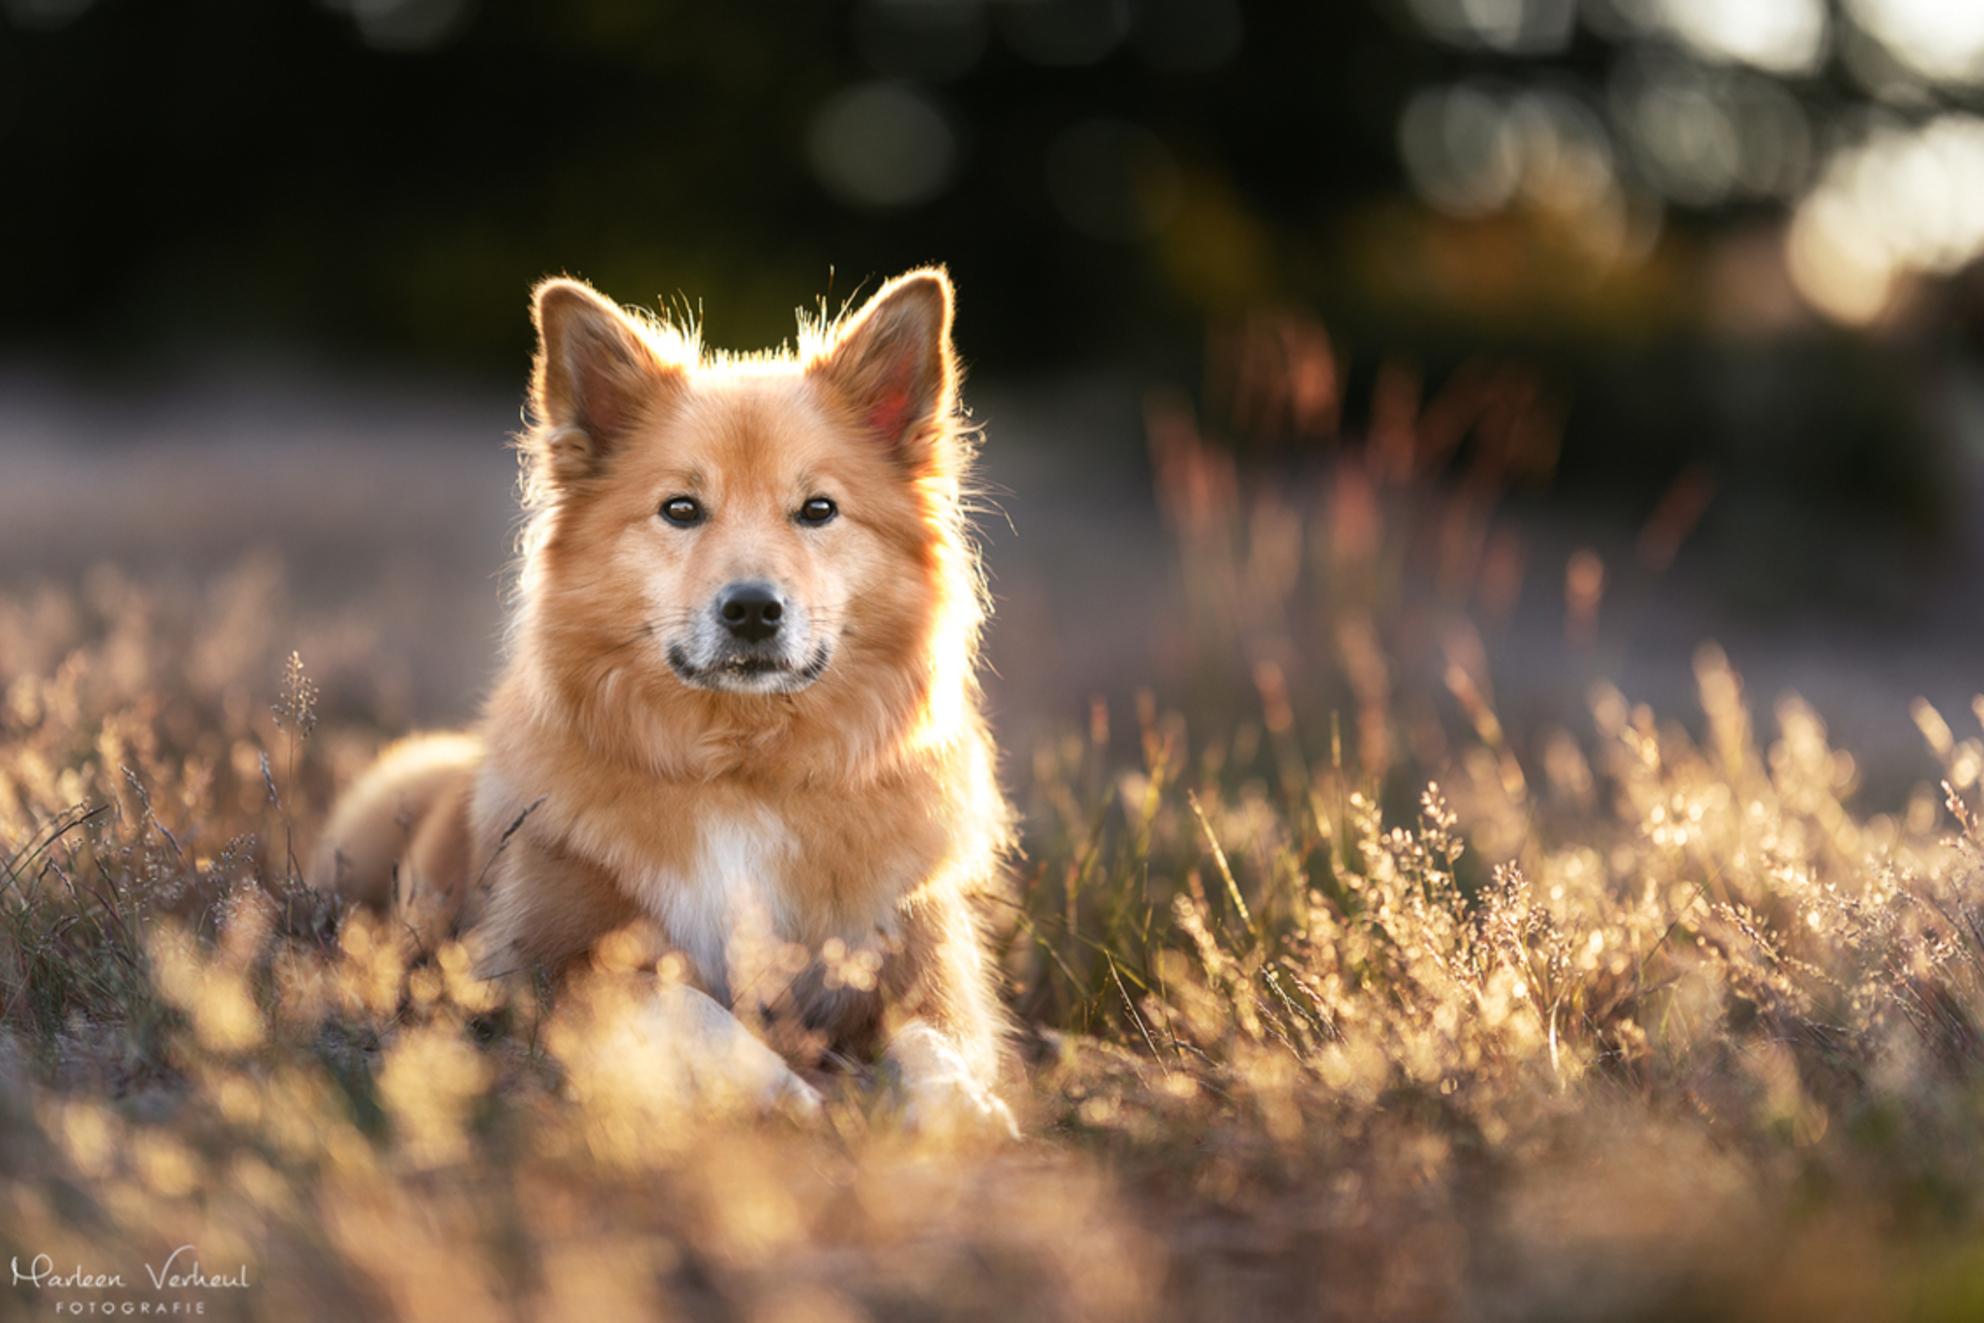 Zonsondergang - - - foto door MarleenVerheulFotografie op 21-06-2020 - deze foto bevat: dieren, huisdier, hond